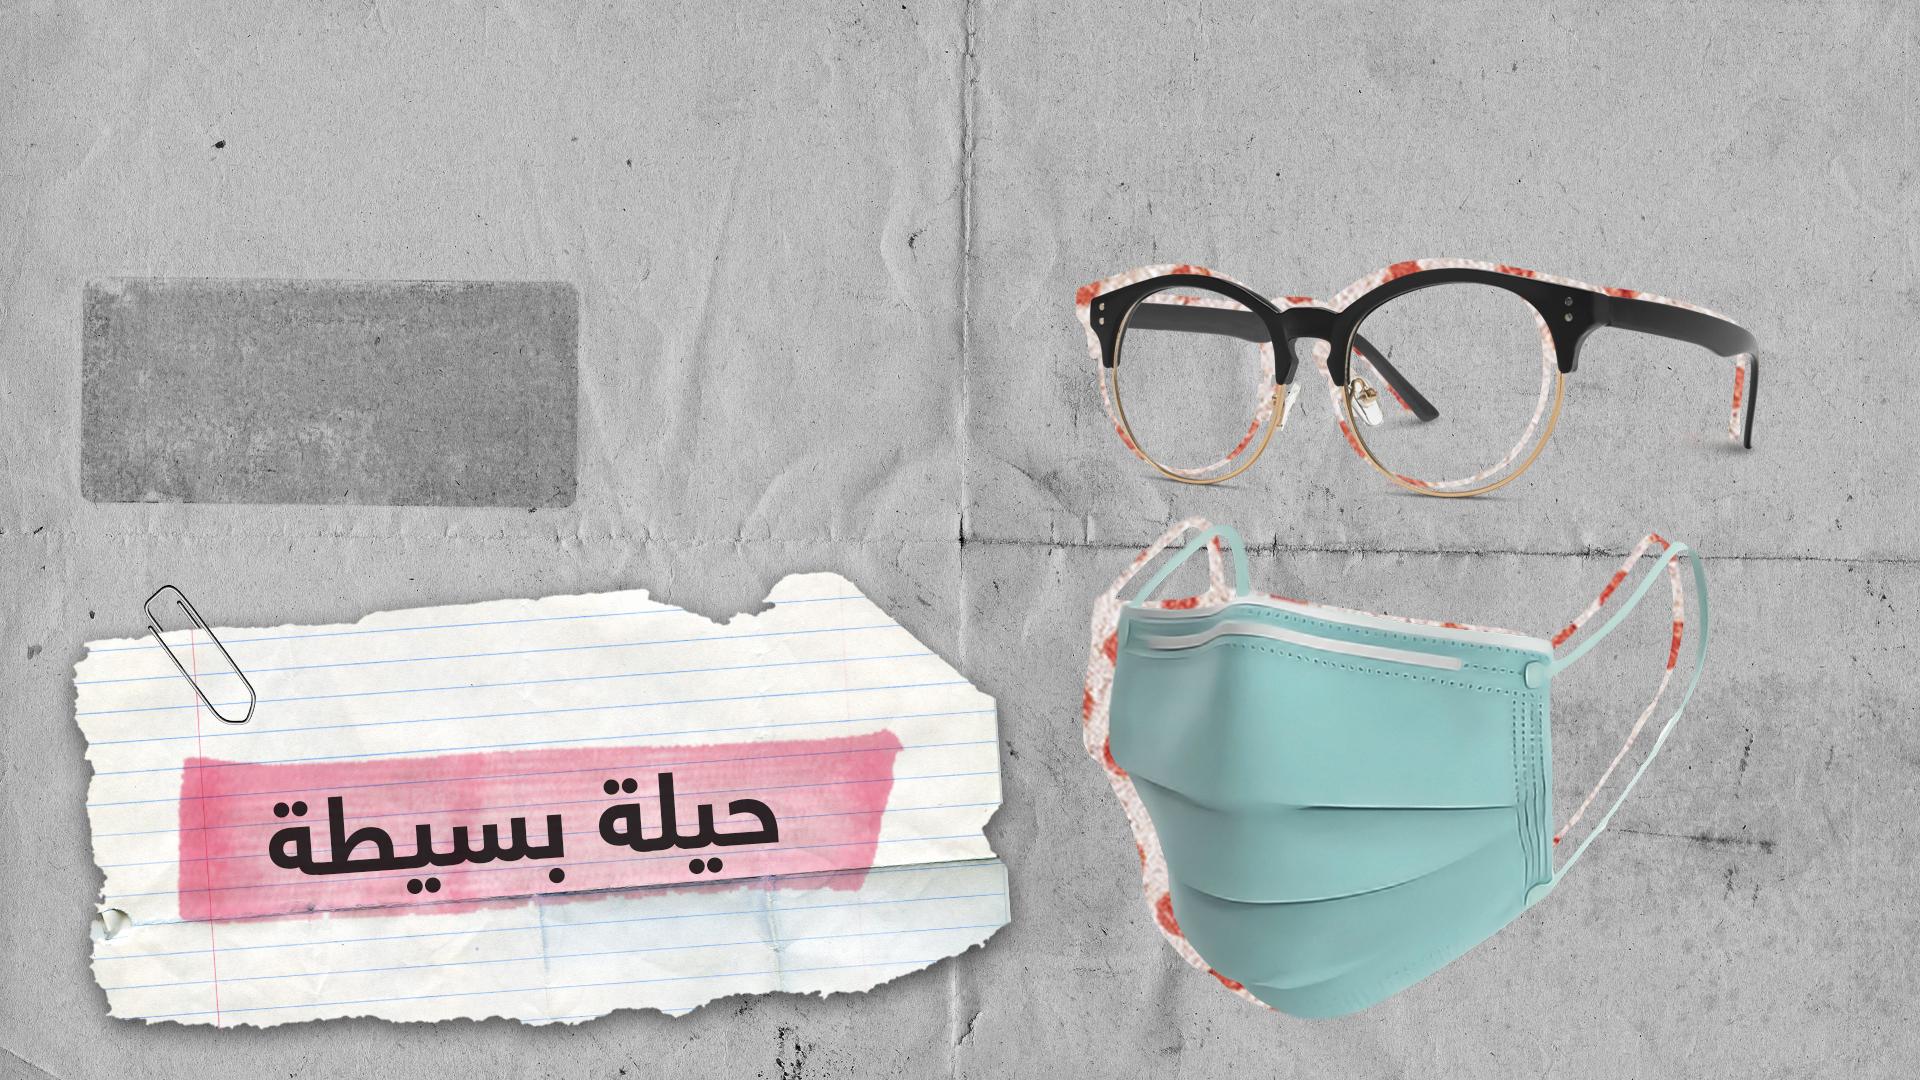 حيلة بسيطة تمنع تكون الضباب على عدسات النظارات